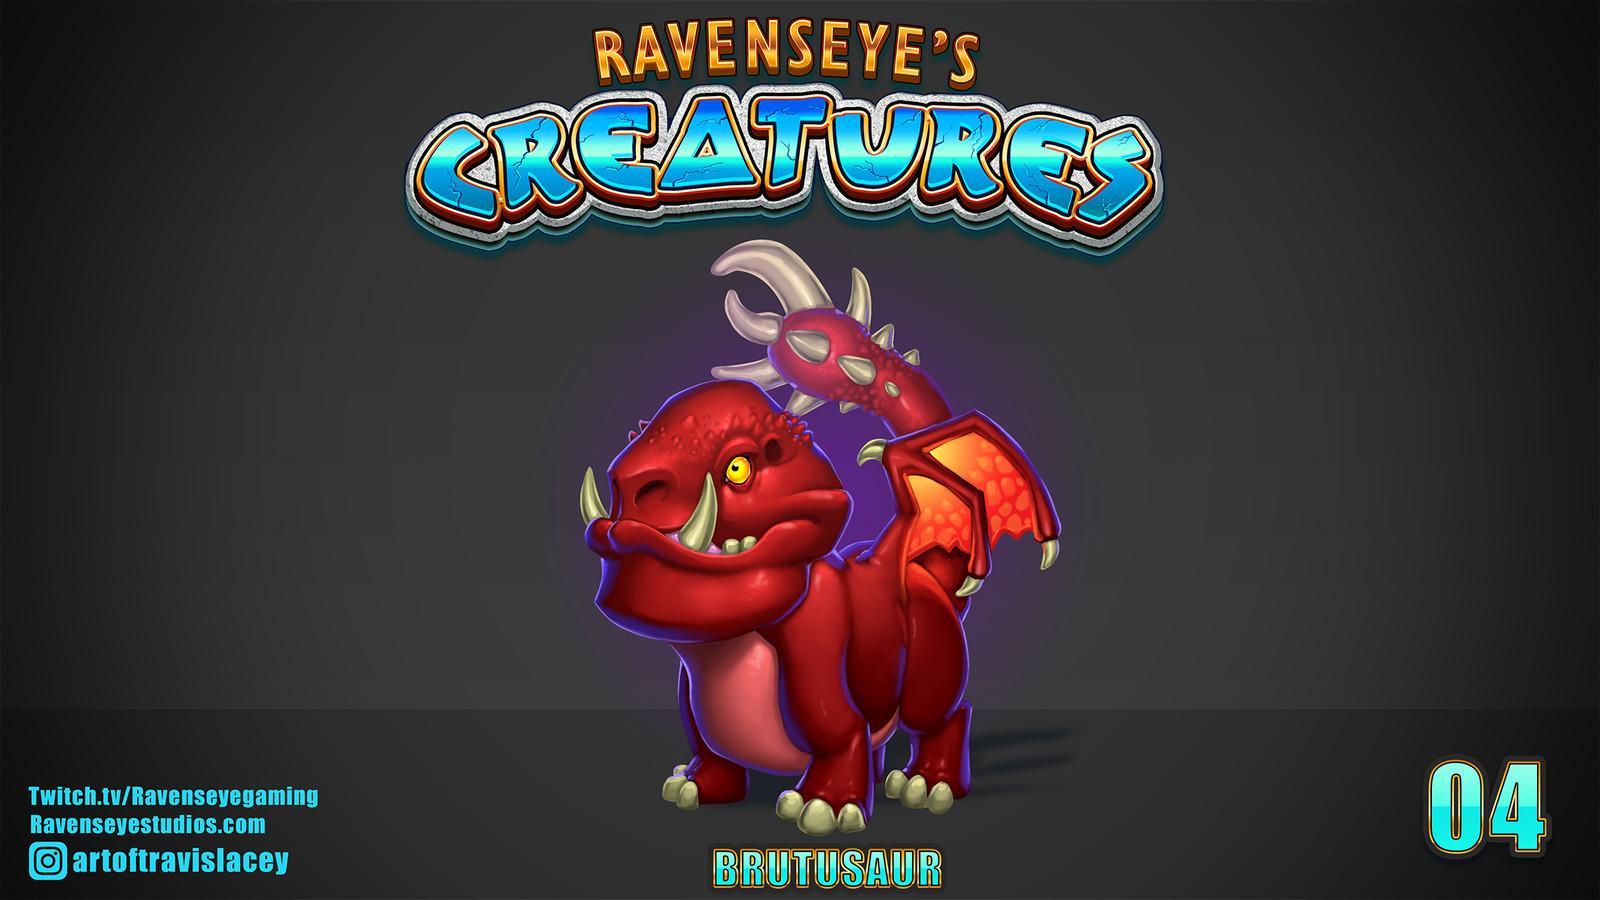 BRUTUSAUR - Creature 04